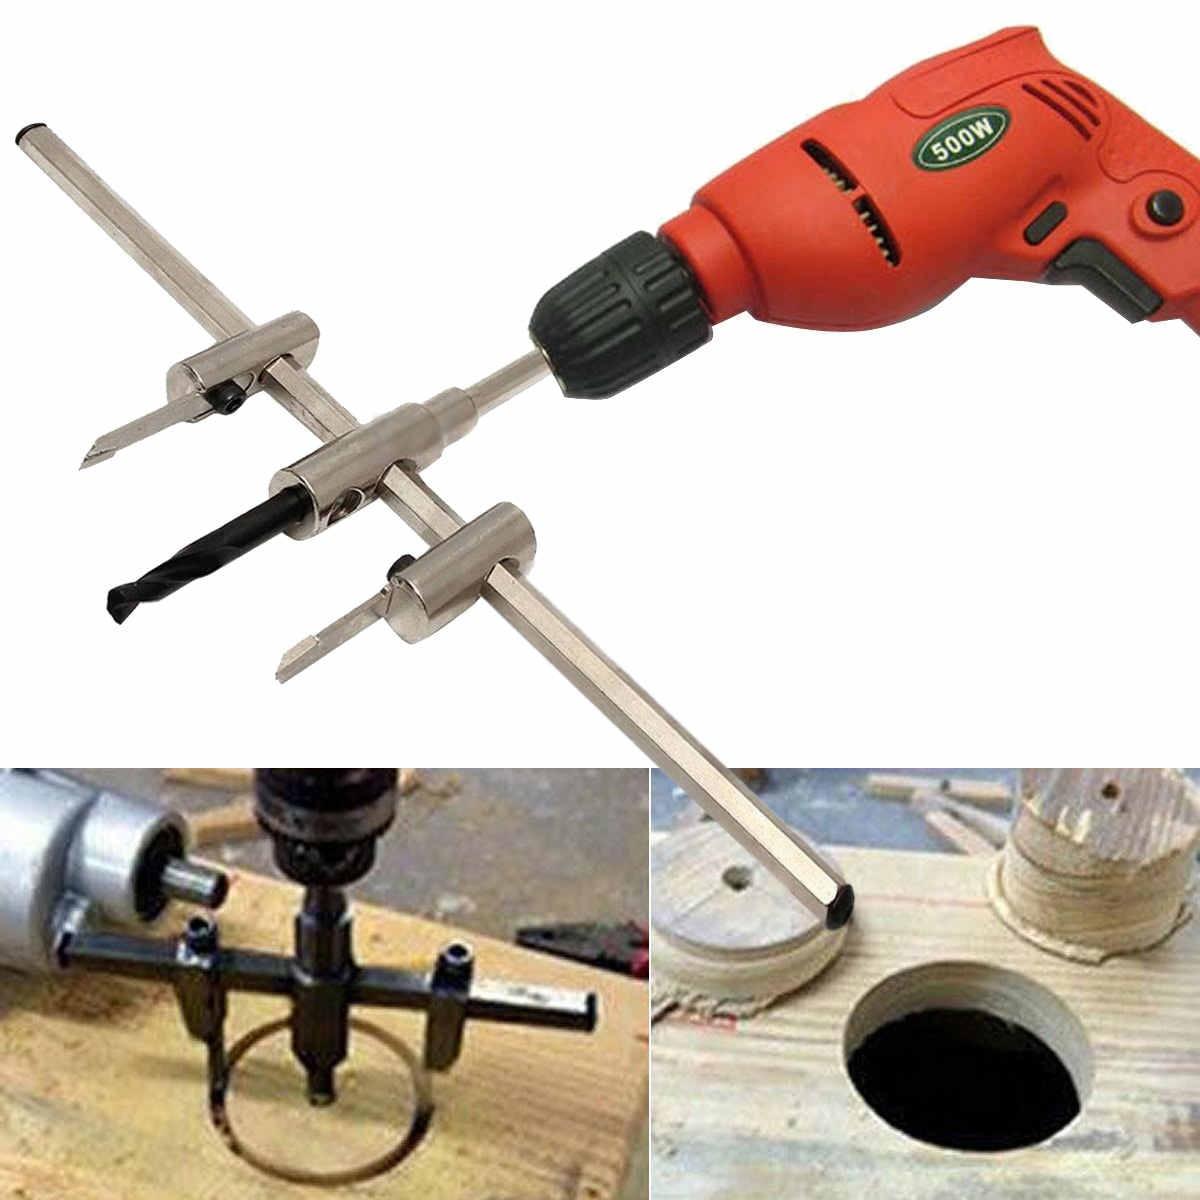 Новое деревообрабатывающее сверло FNICEL 30-300 мм, регулируемое металлическое сверло для кольцевой пилы, набор инструментов для DIY